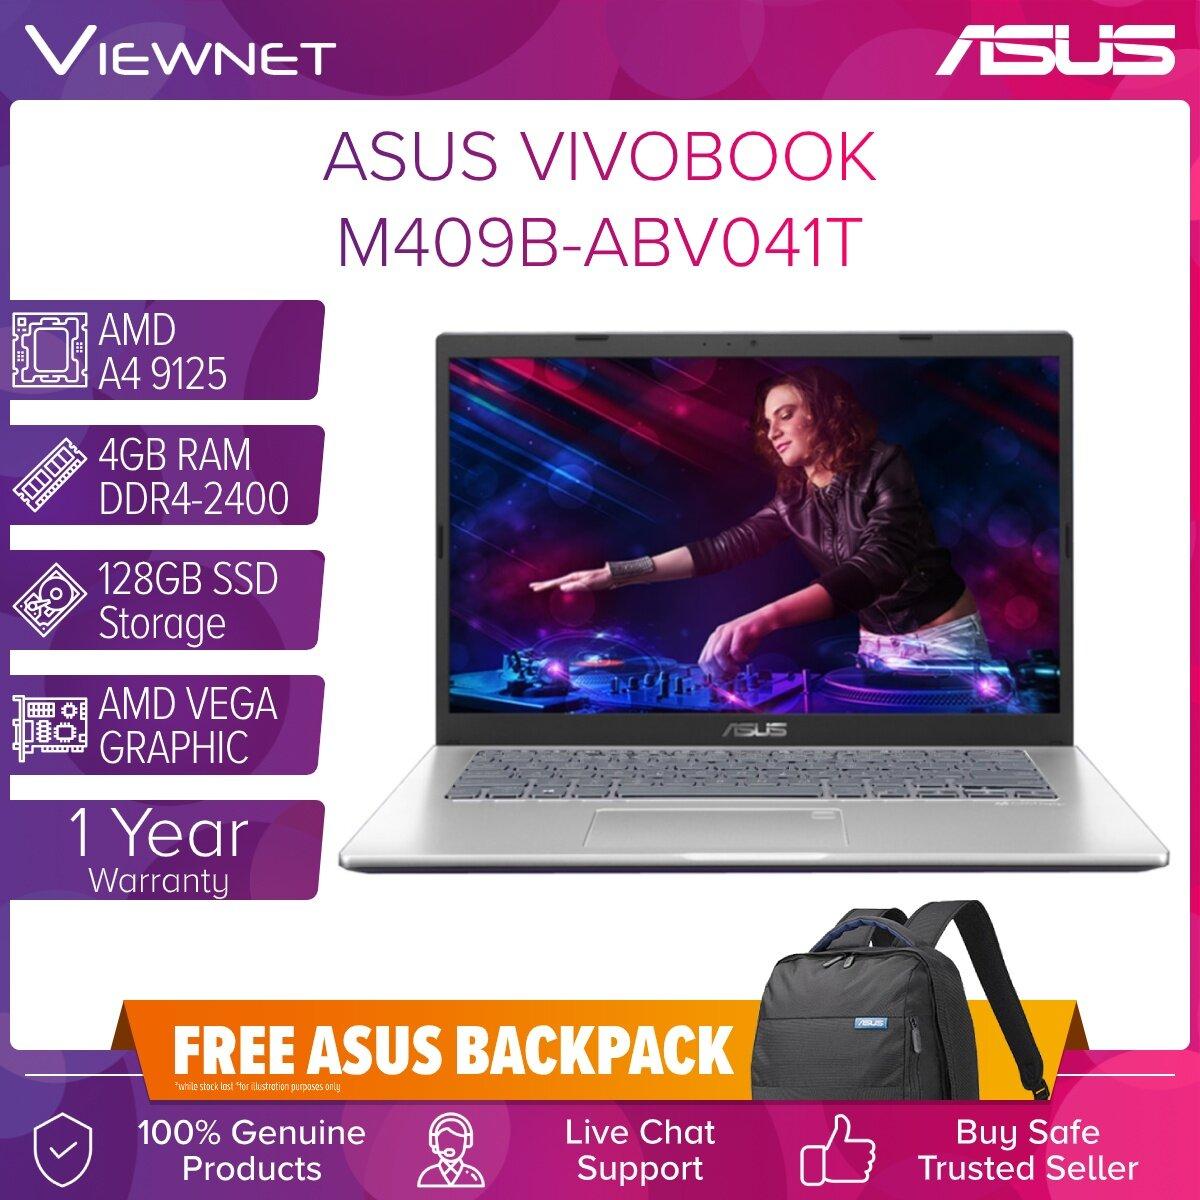 ASUS VIVOBOOK 14  M409B-ABV041T, M409B-ABV040T LAPTOP AMD A4 9125 4GB DDR4 128GB SSD AMD VEGA W10 14